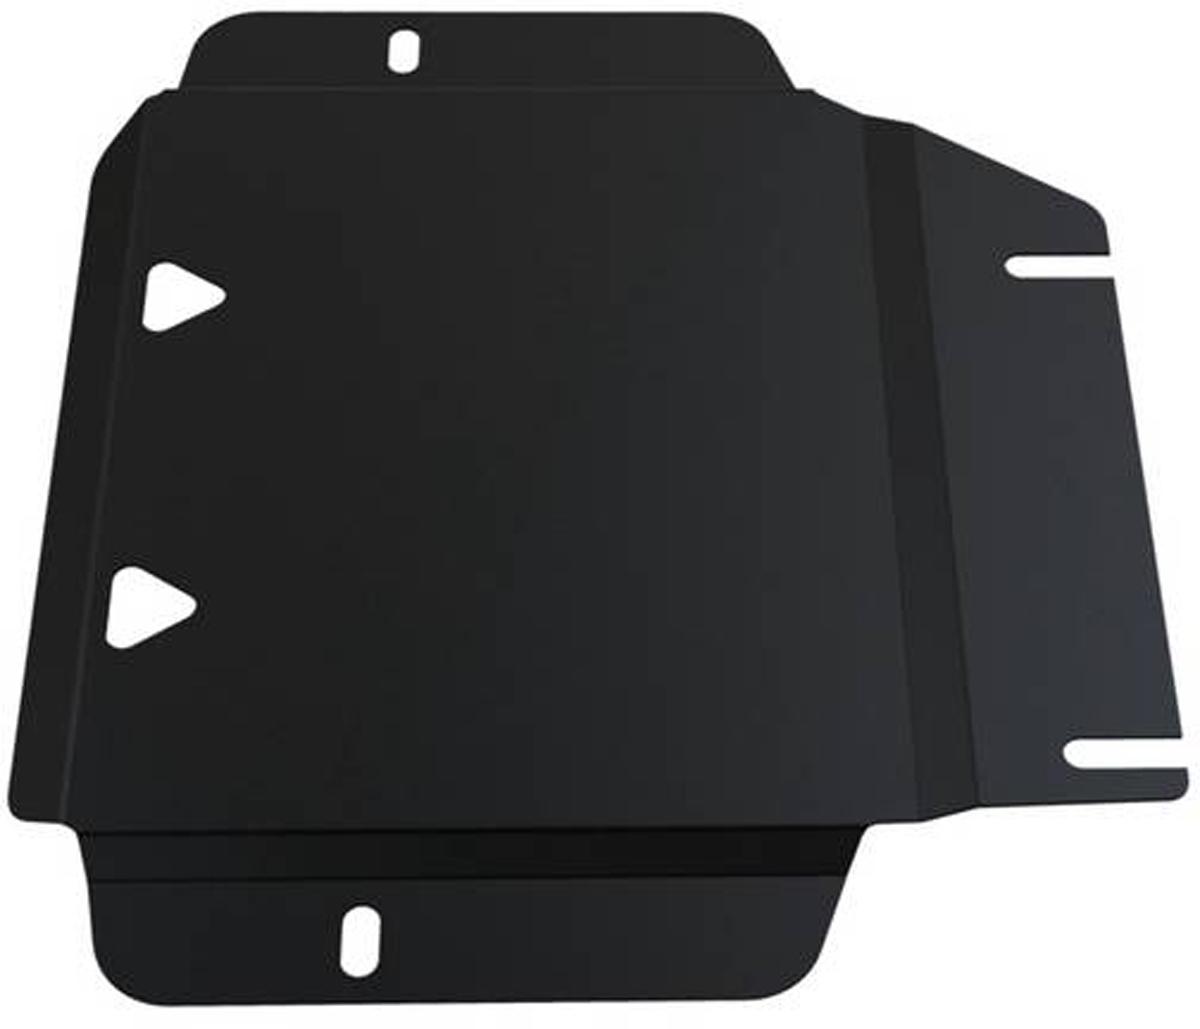 Защита РК Автоброня Volkswagen Amarok 2010-2016, сталь 2 мм111.05818.1Защита РК Автоброня Volkswagen Amarok, V - 2.0 TDI 2010-2016, сталь 2 мм, комплект крепежа, 111.05818.1Дополнительно можно приобрести другие защитные элементы из комплекта: защита КПП - 111.05016.1, защита КПП - 111.05017.1Стальные защиты Автоброня надежно защищают ваш автомобиль от повреждений при наезде на бордюры, выступающие канализационные люки, кромки поврежденного асфальта или при ремонте дорог, не говоря уже о загородных дорогах.- Имеют оптимальное соотношение цена-качество.- Спроектированы с учетом особенностей автомобиля, что делает установку удобной.- Защита устанавливается в штатные места кузова автомобиля.- Является надежной защитой для важных элементов на протяжении долгих лет.- Глубокий штамп дополнительно усиливает конструкцию защиты.- Подштамповка в местах крепления защищает крепеж от срезания.- Технологические отверстия там, где они необходимы для смены масла и слива воды, оборудованные заглушками, закрепленными на защите.Толщина стали 2 мм.В комплекте крепеж и инструкция по установке.Уважаемые клиенты!Обращаем ваше внимание на тот факт, что защита имеет форму, соответствующую модели данного автомобиля. Наличие глубокого штампа и лючков для смены фильтров/масла предусмотрено не на всех защитах. Фото служит для визуального восприятия товара.